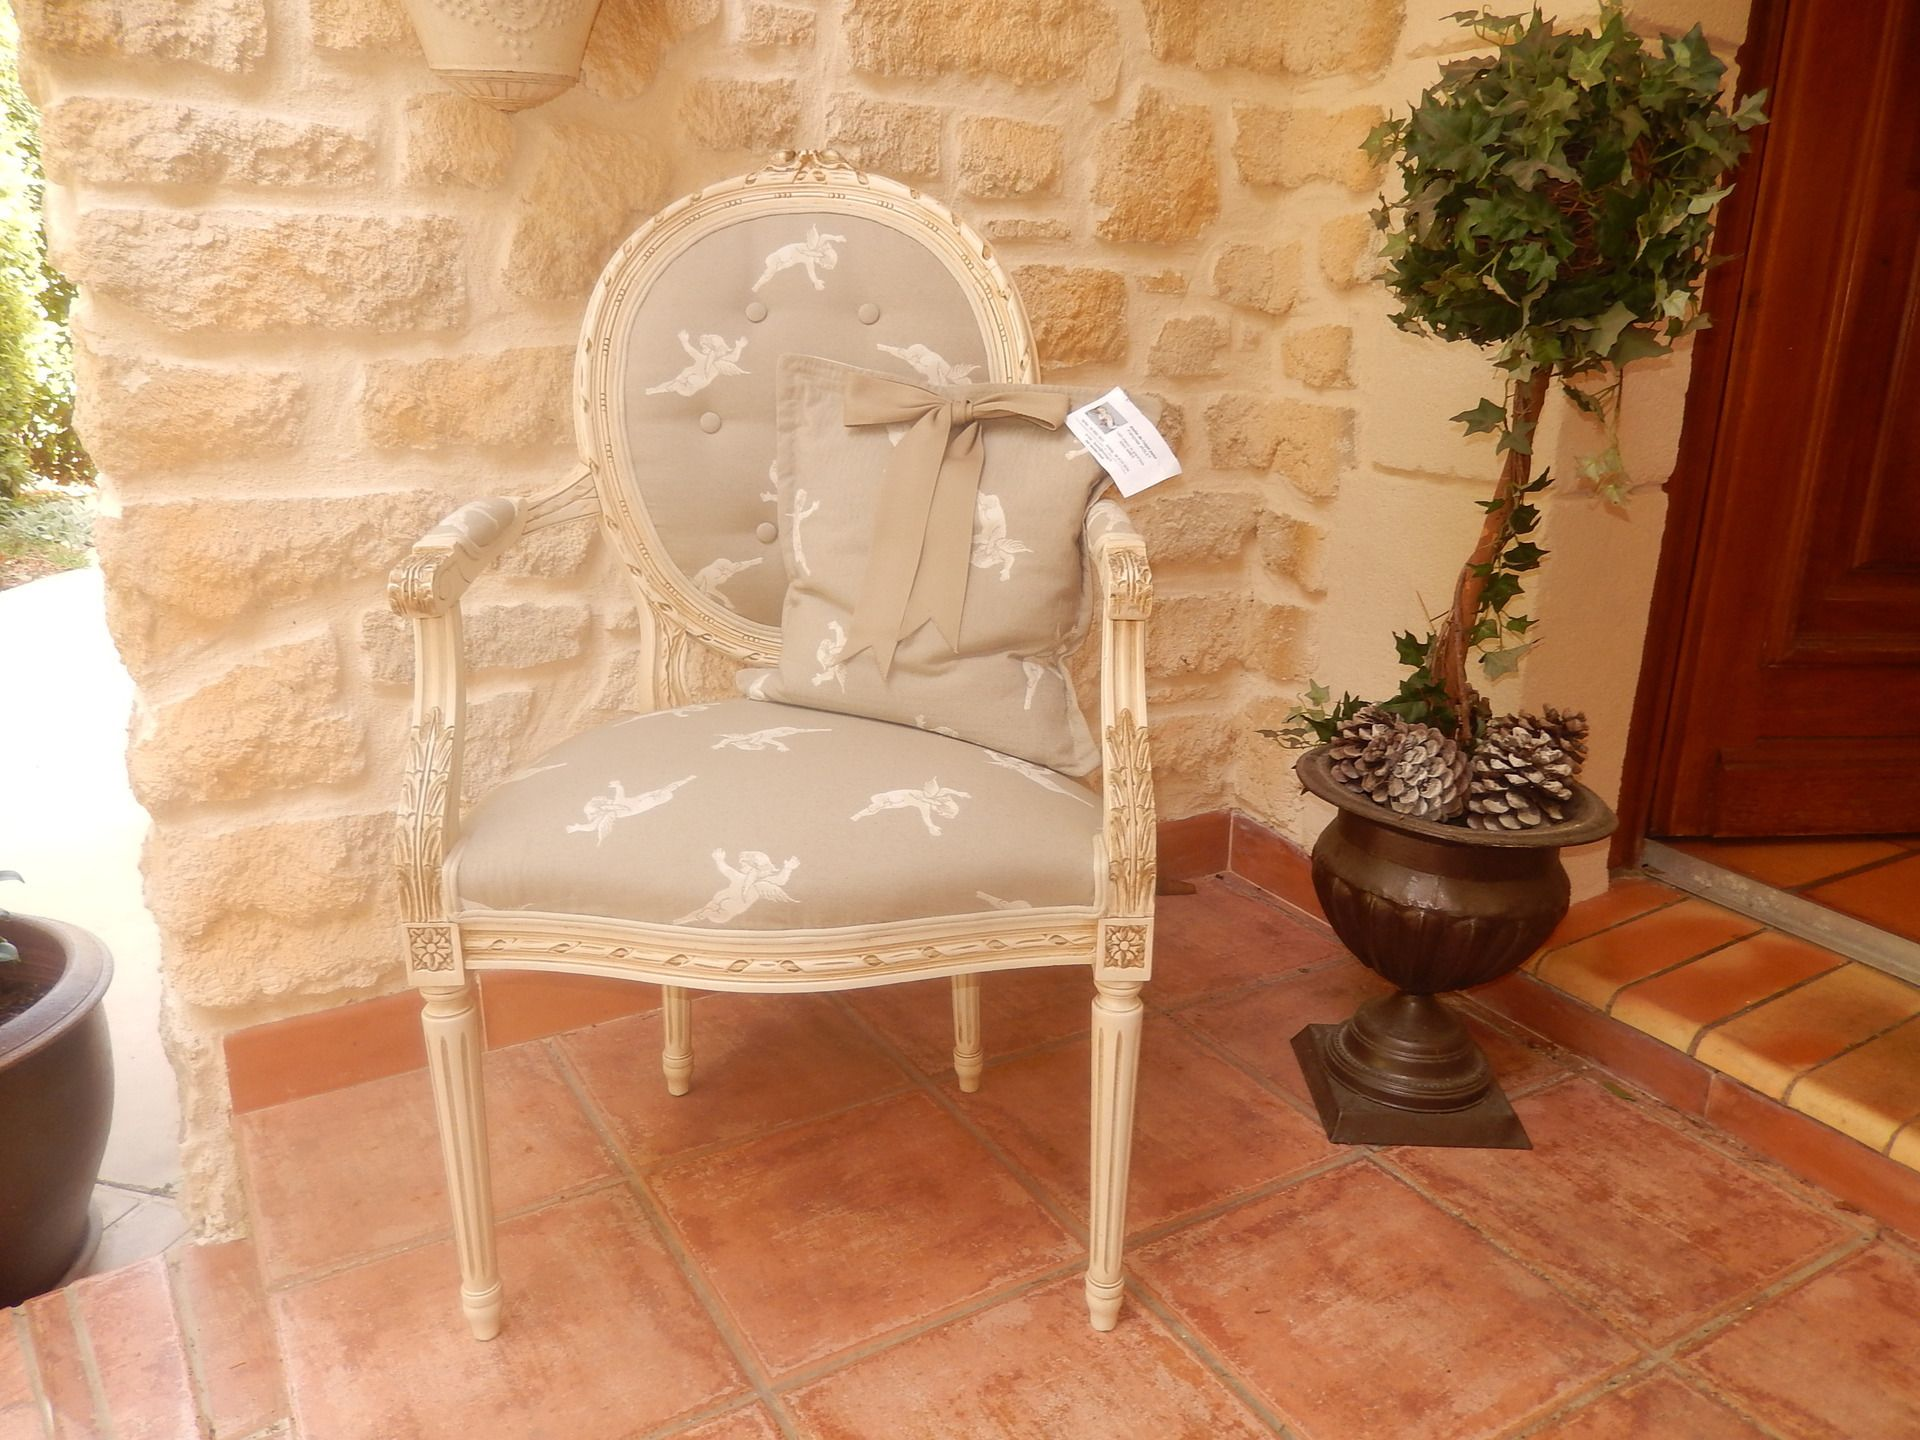 fauteuil cabriolet louis XVI peint et patiné ivoire : Meubles et rangements par atelier-de-l-objet-peint